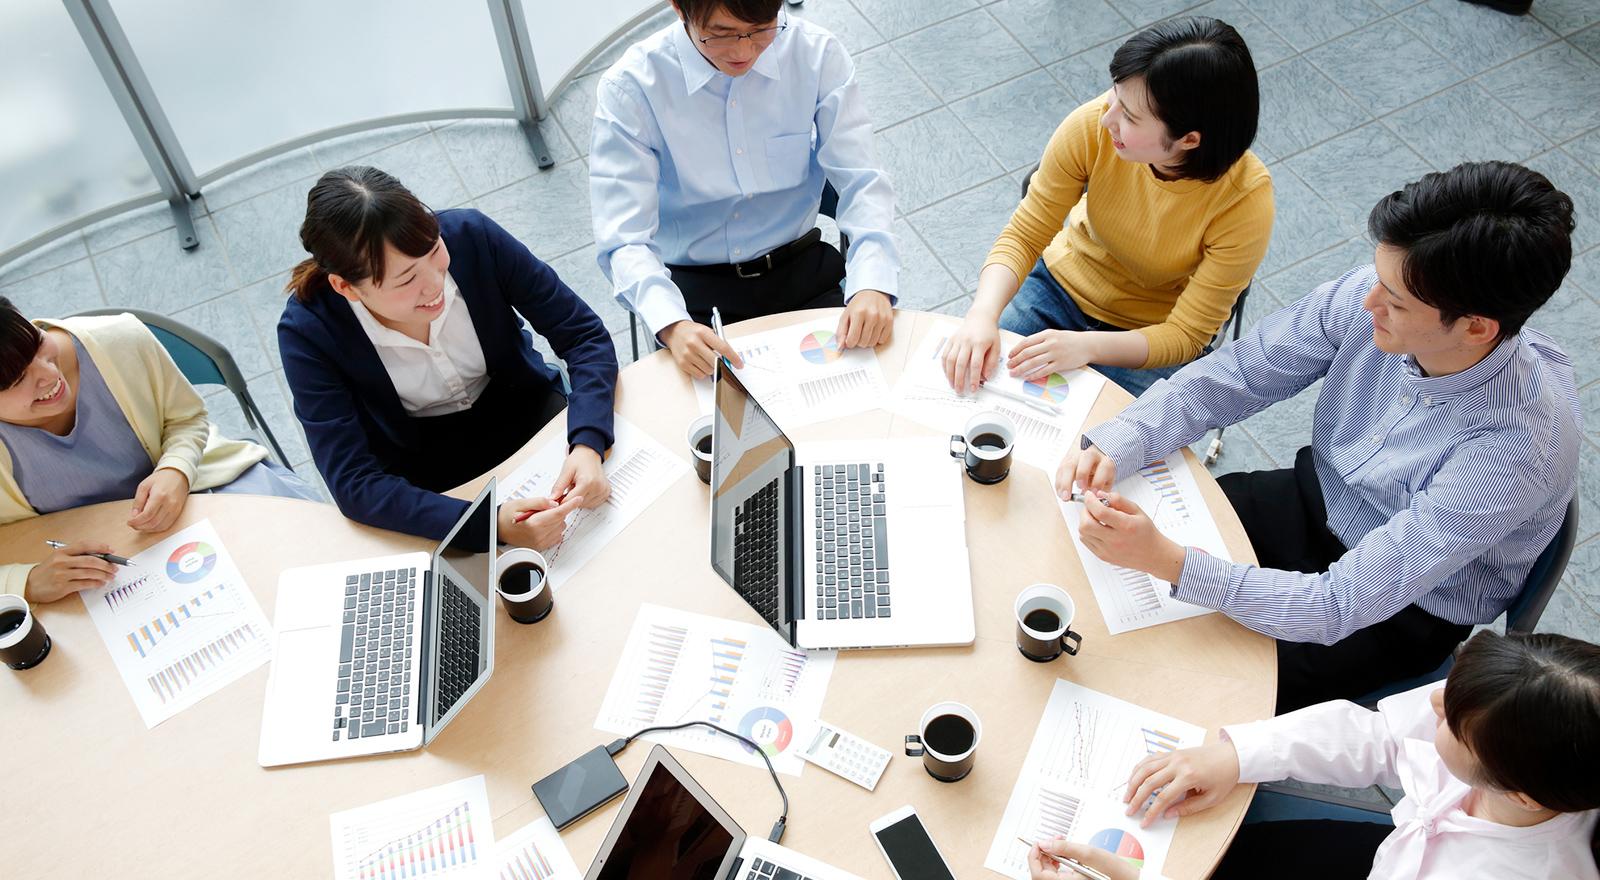 新規事業のアイデアを、社員に求めることについて